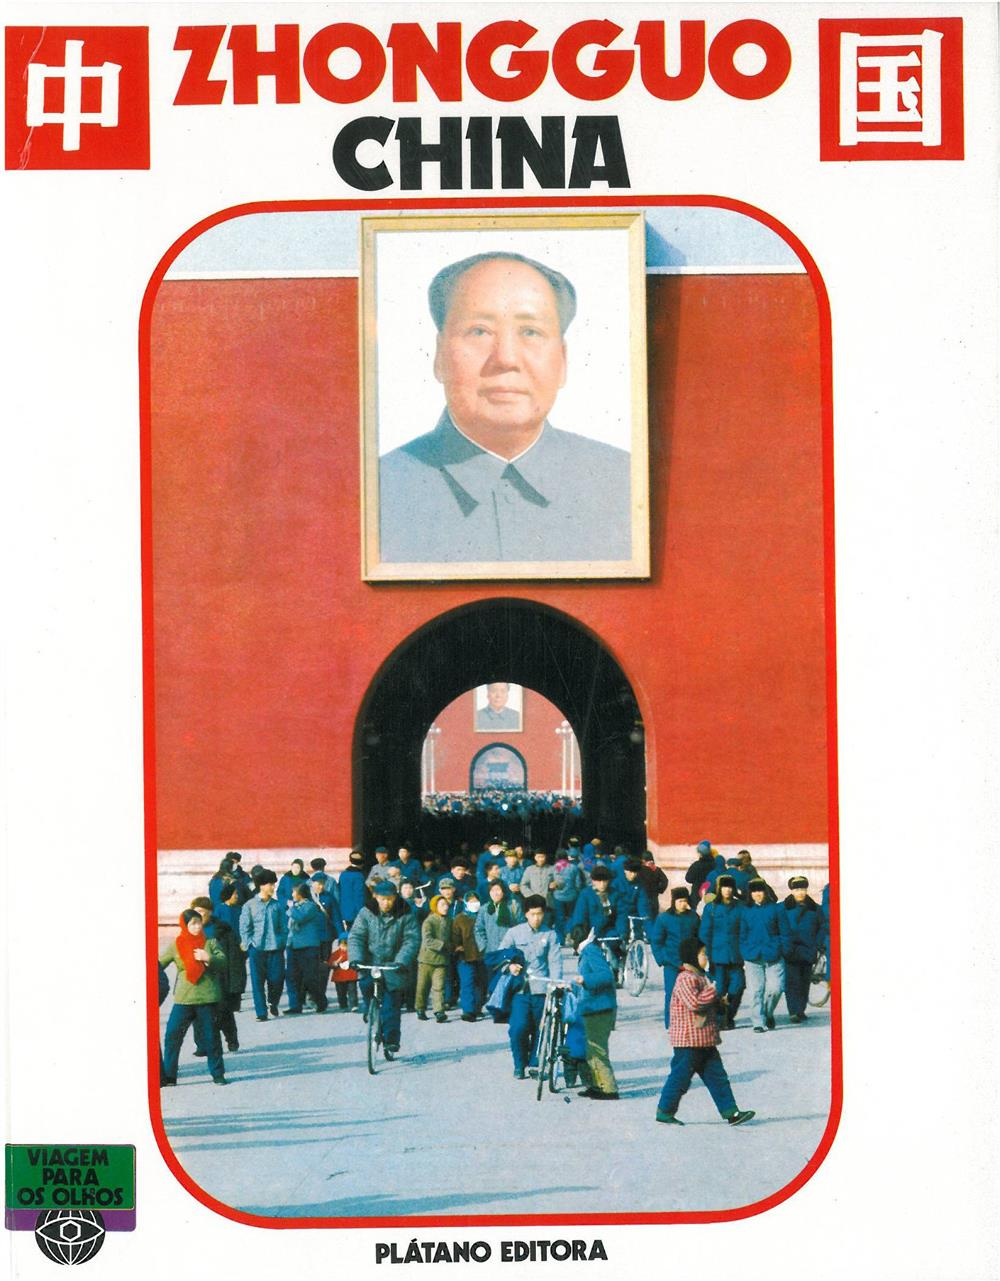 Zhongguo China_.jpg